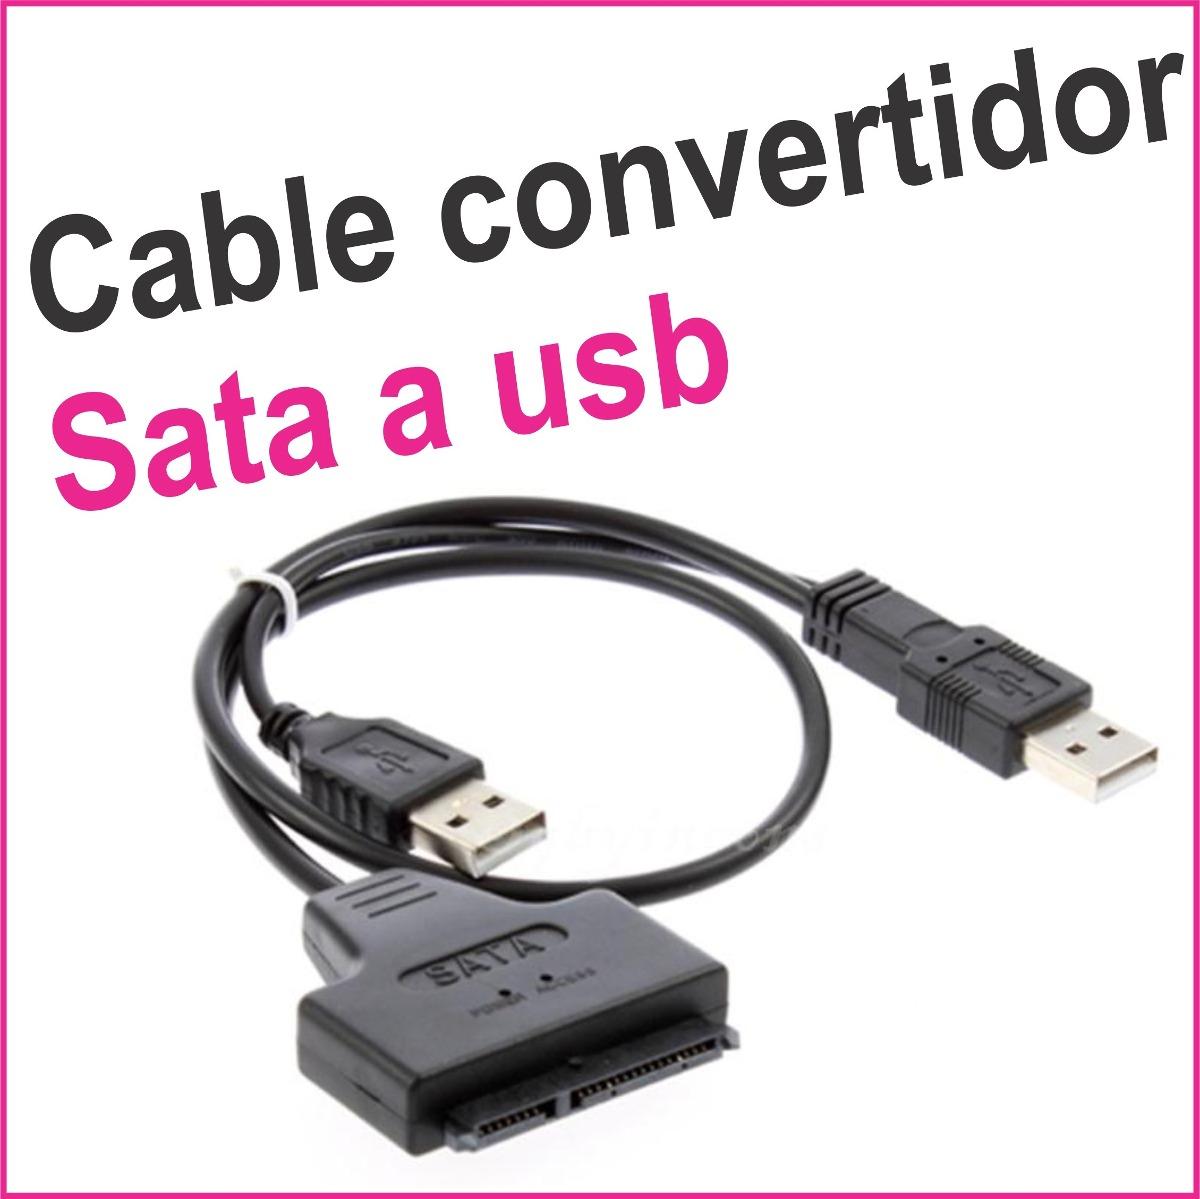 Cable Convertidor De Sata A Usb Disco Duro Interno